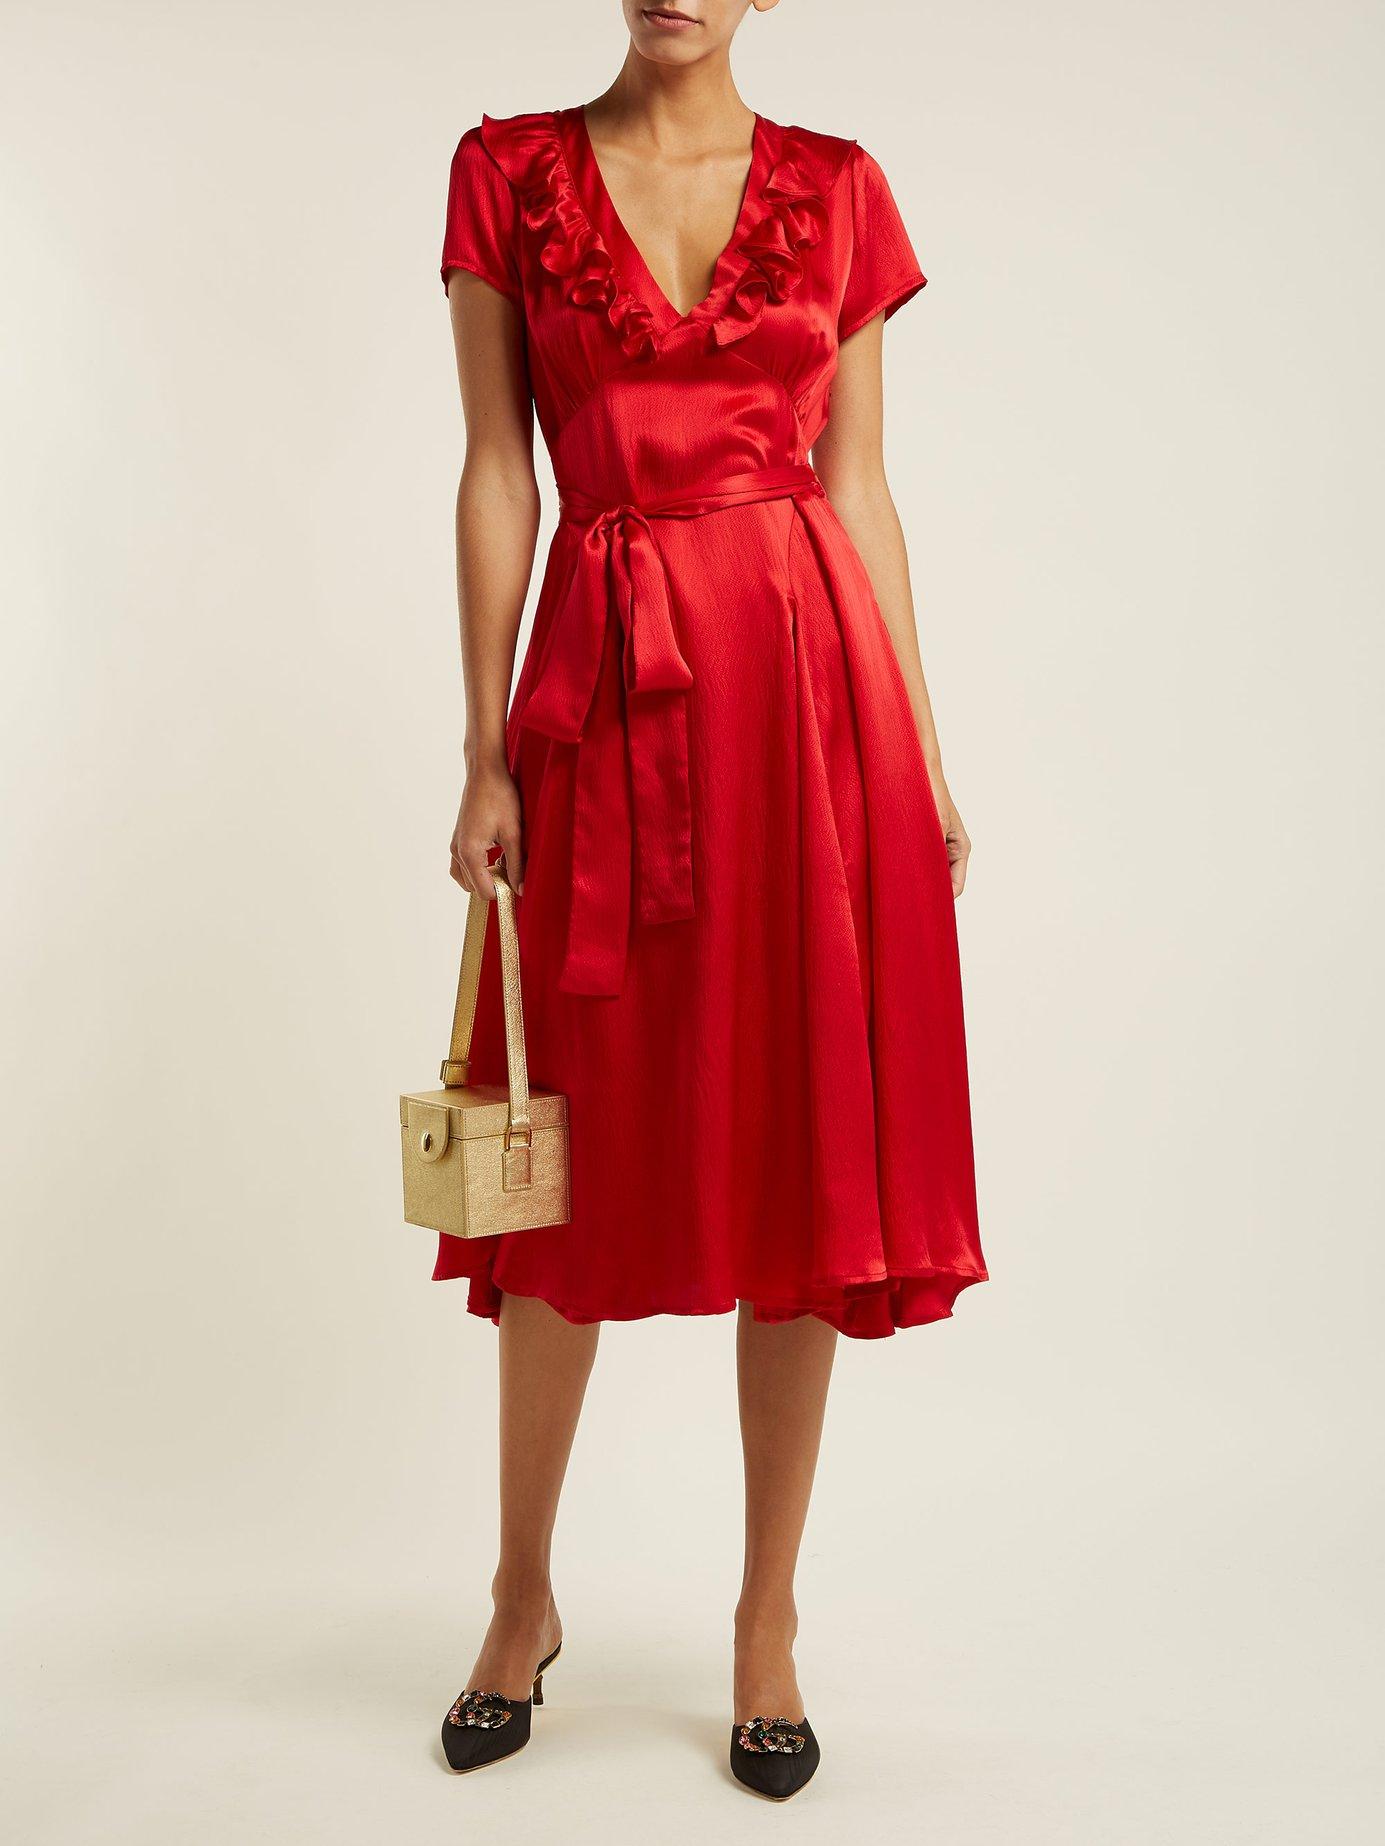 Celia ruffle-trimmed silk dress by Rhode Resort